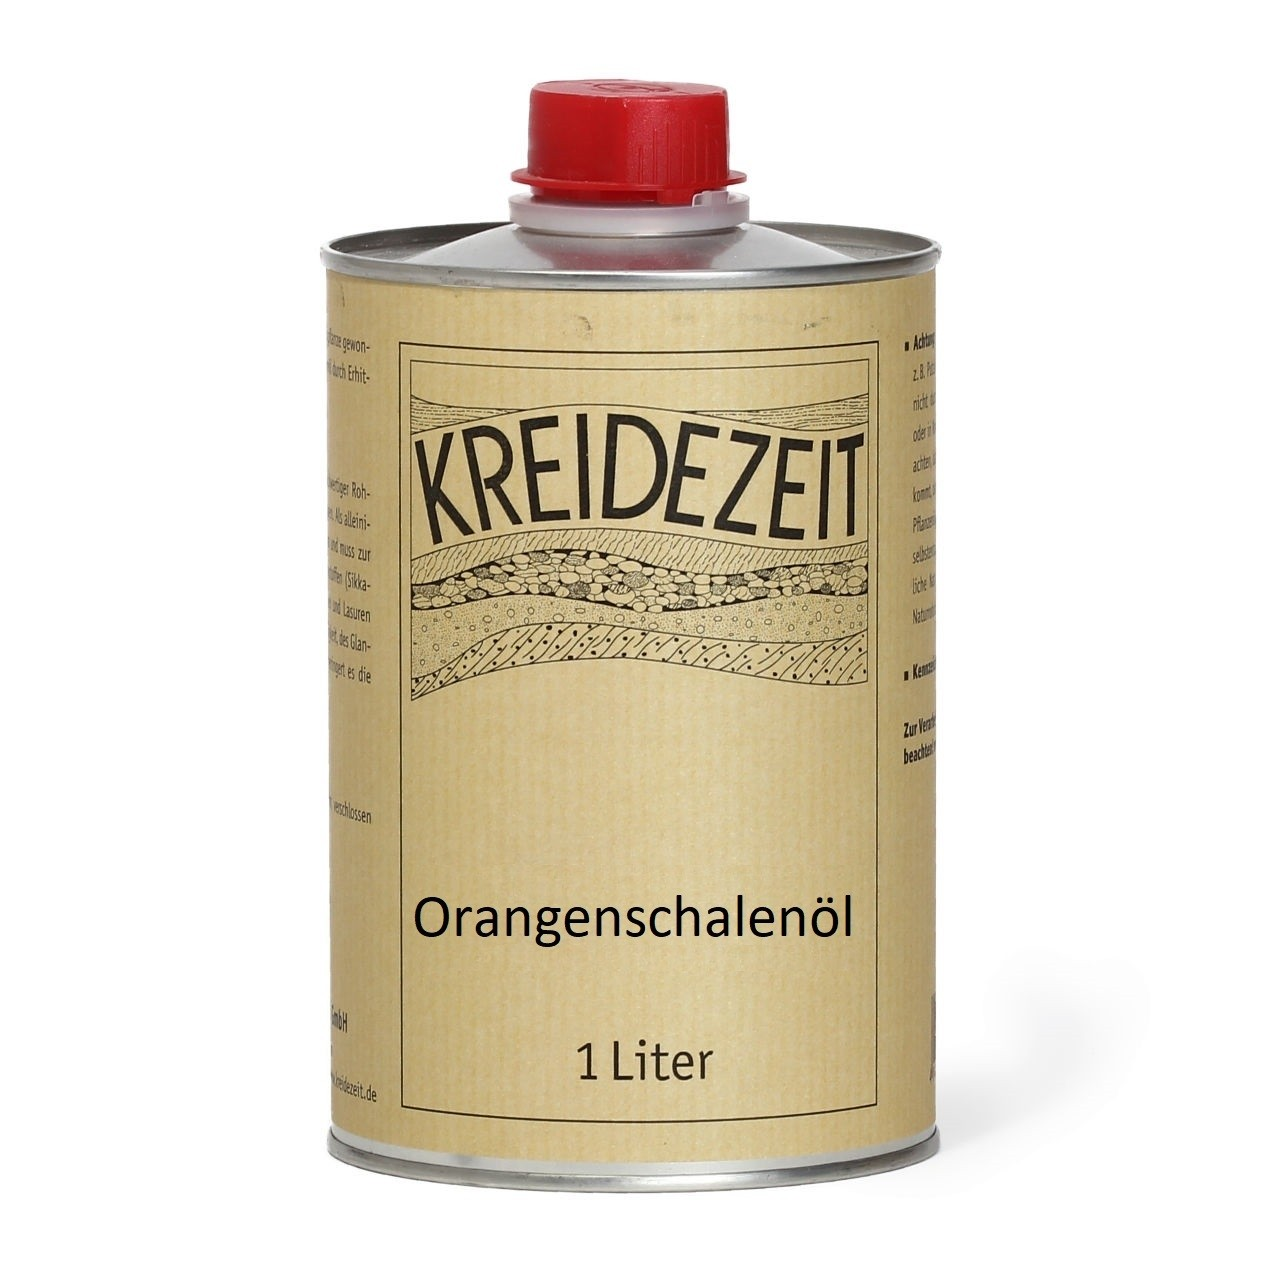 Kreidezeit Orangenschalenöl 5 L